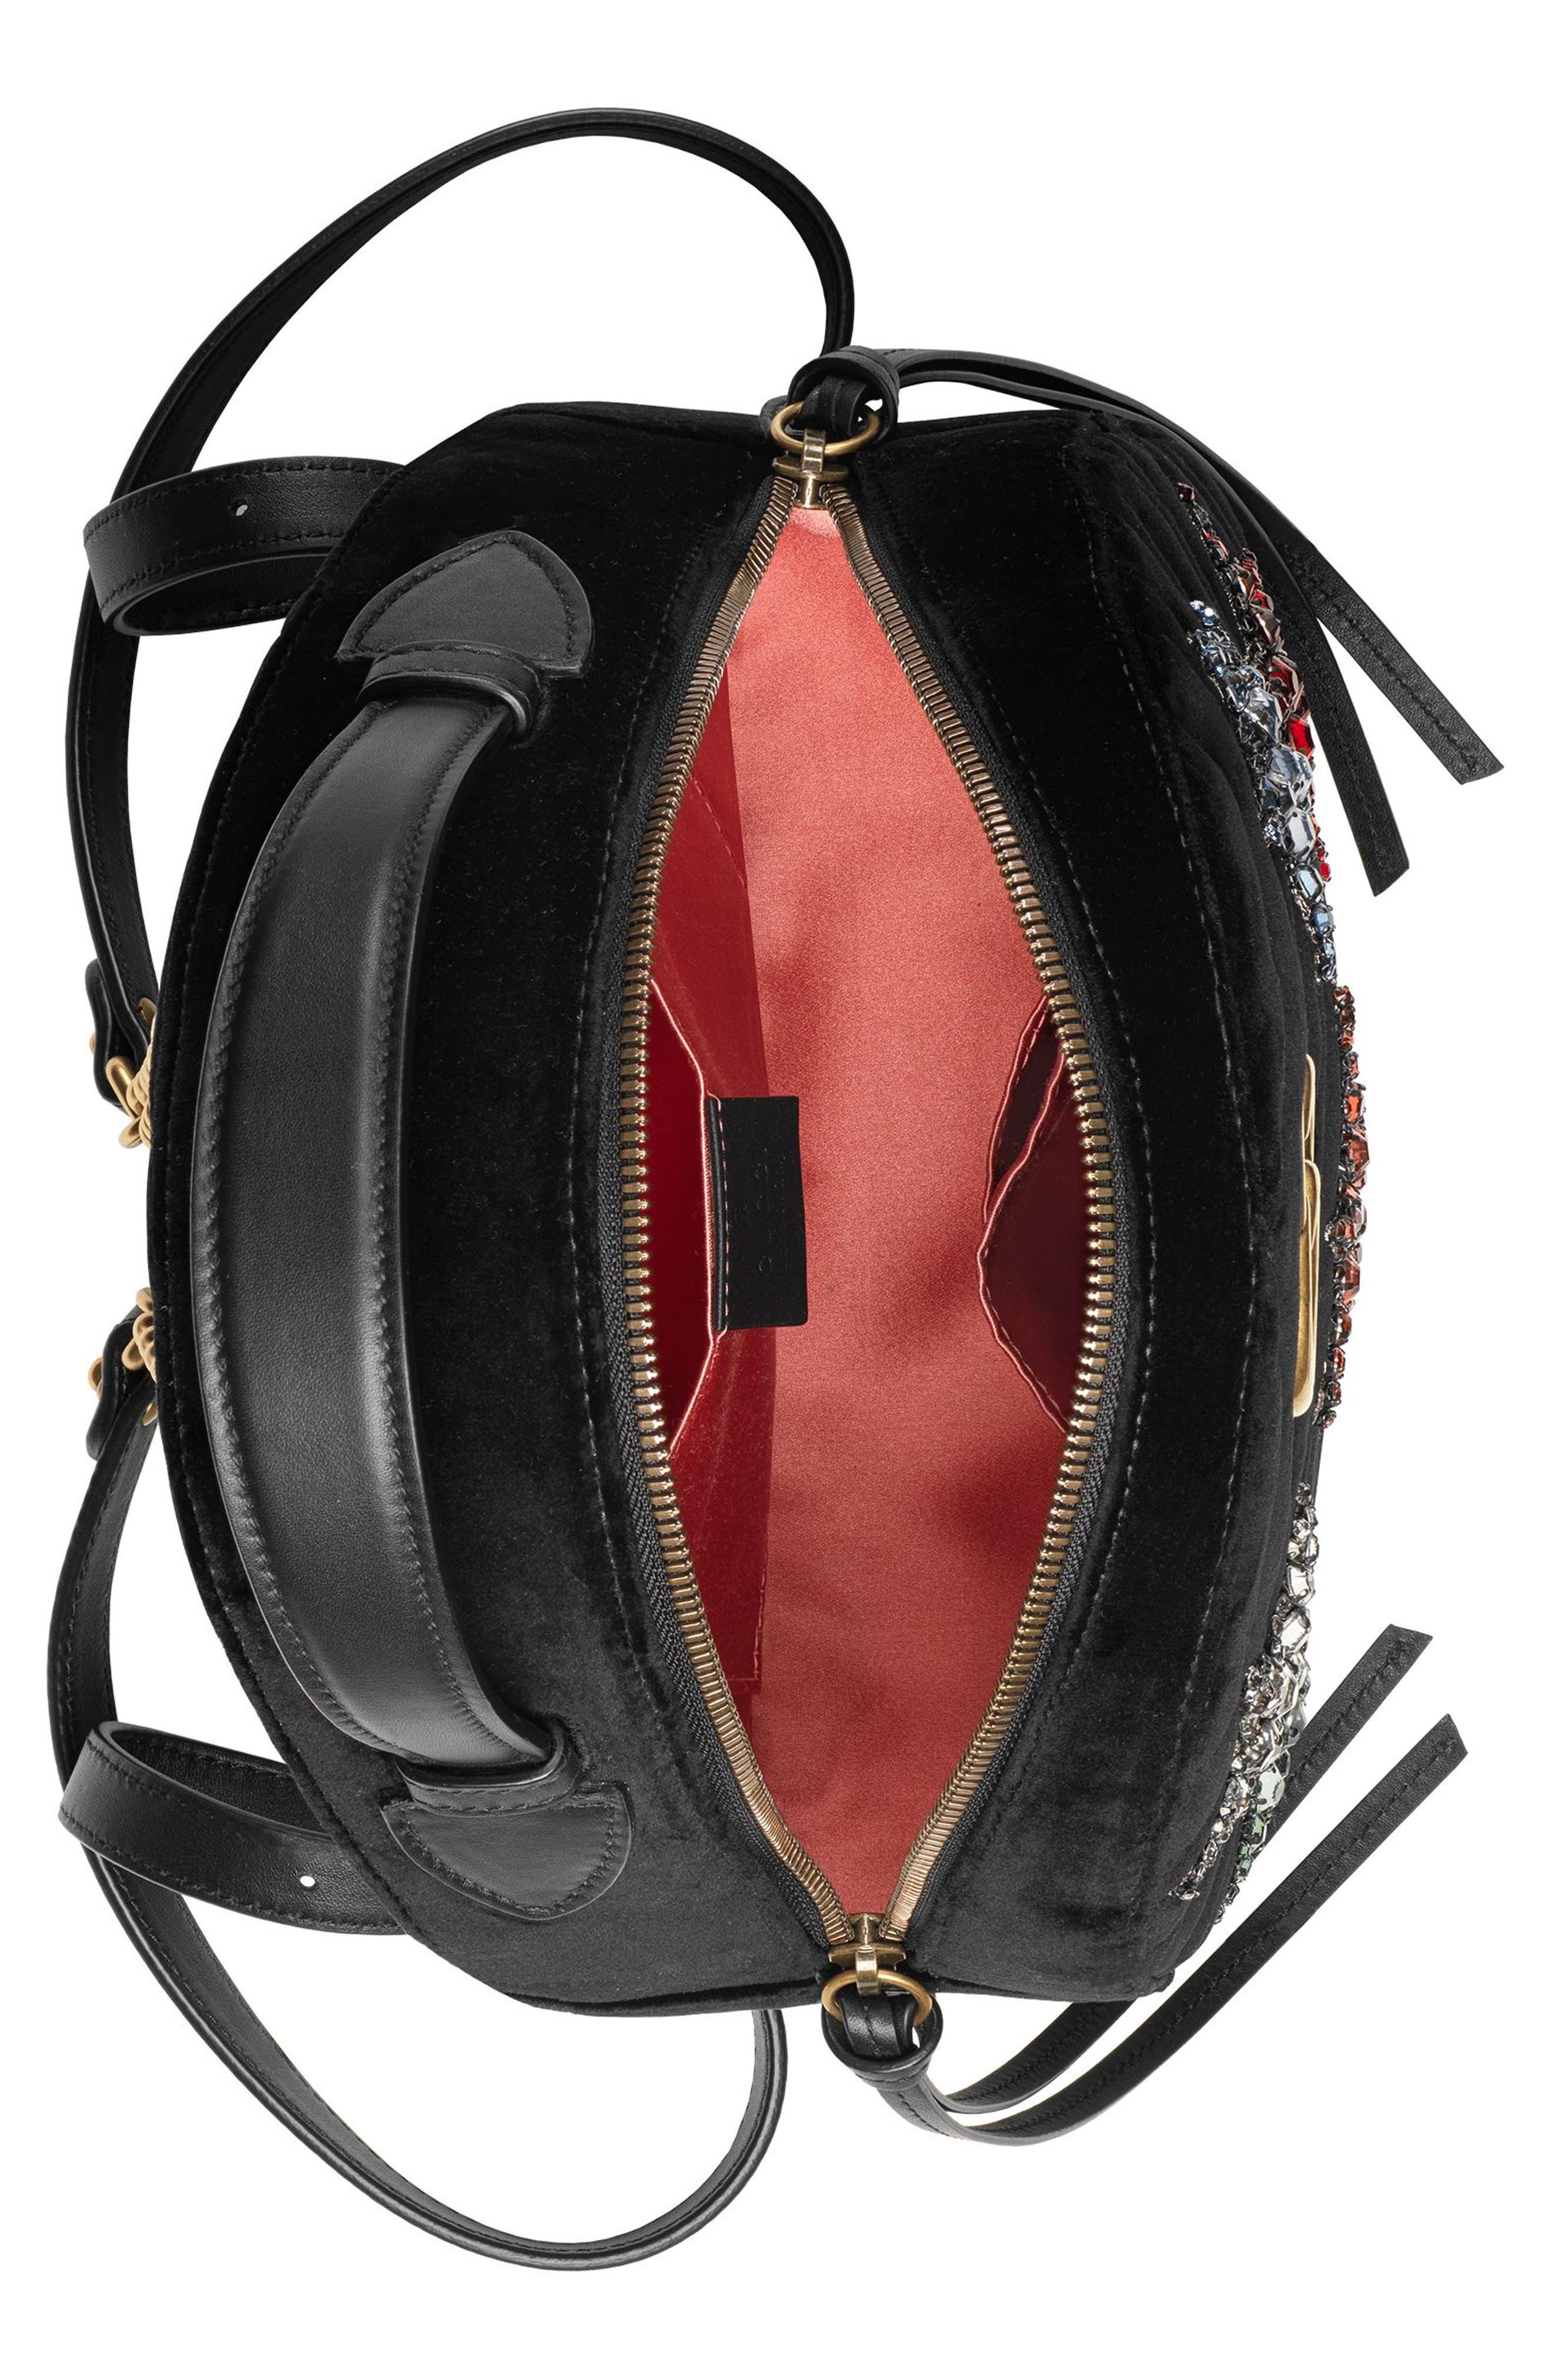 Marmont 2.0 Crystal Stars Velvet Backpack,                             Alternate thumbnail 2, color,                             NERO/ NERO MULTI